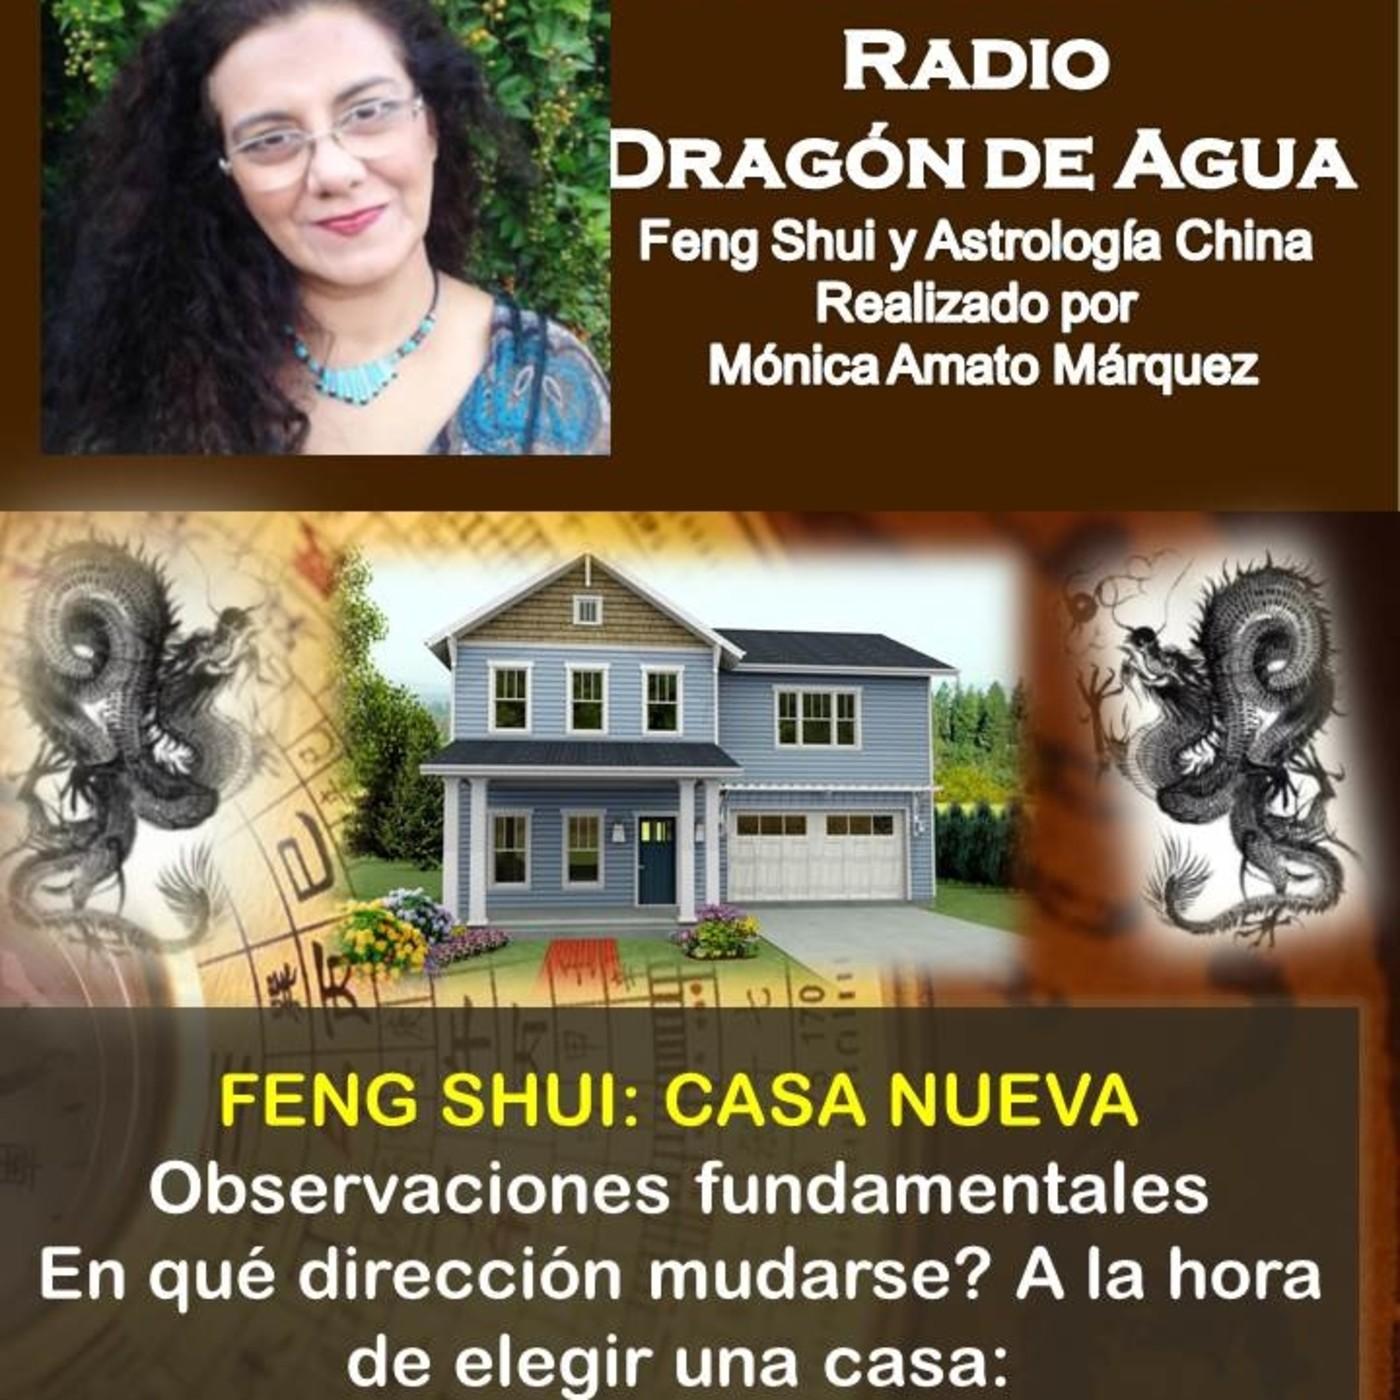 Feng shui casa nueva en podcast de dragondeagua en mp3 17 for Feng shui de la casa